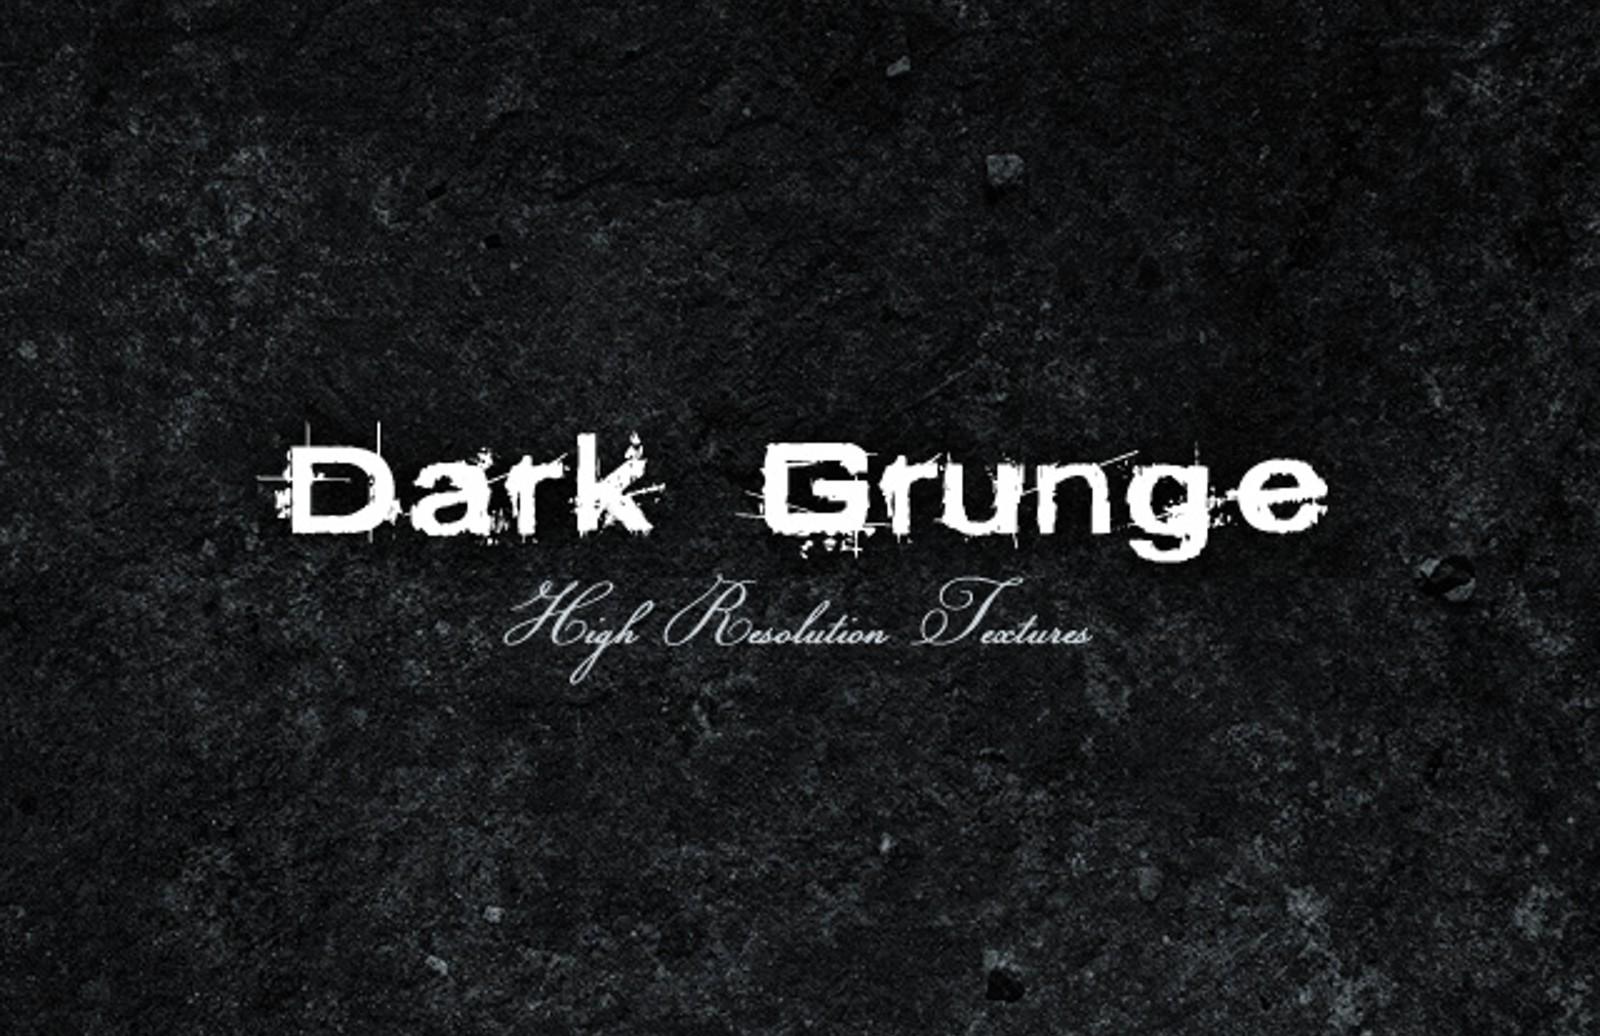 Dark  Grunge  Textures  Preview1